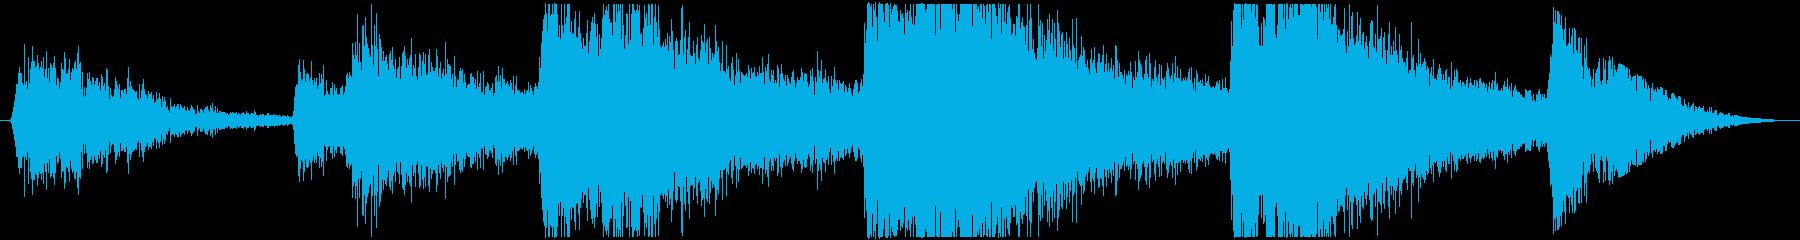 雨の音06(ゲリラ豪雨)の再生済みの波形